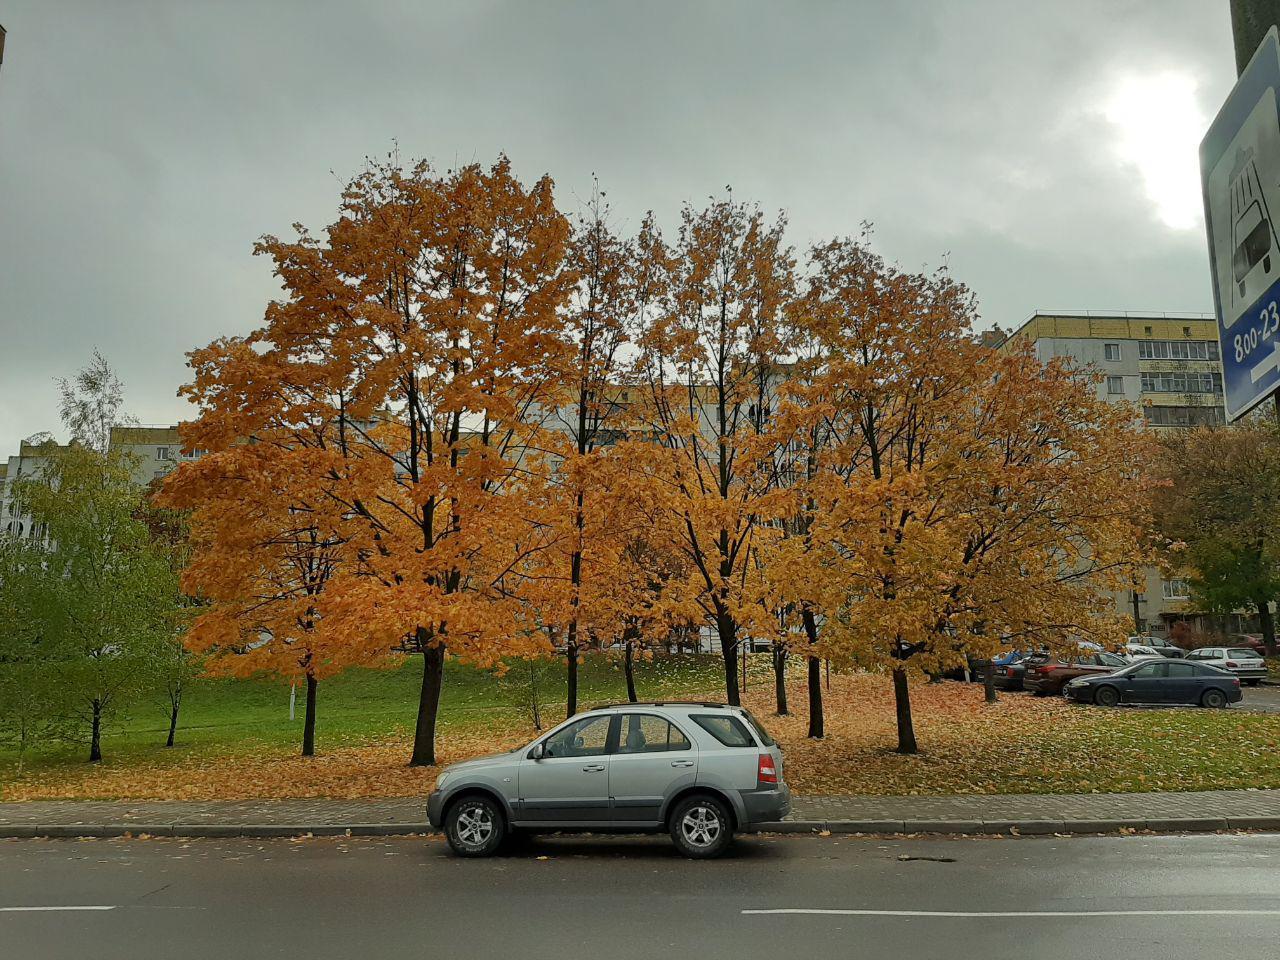 Фото на улице пасмурная погода на Samsung Galaxy a50 основная камера